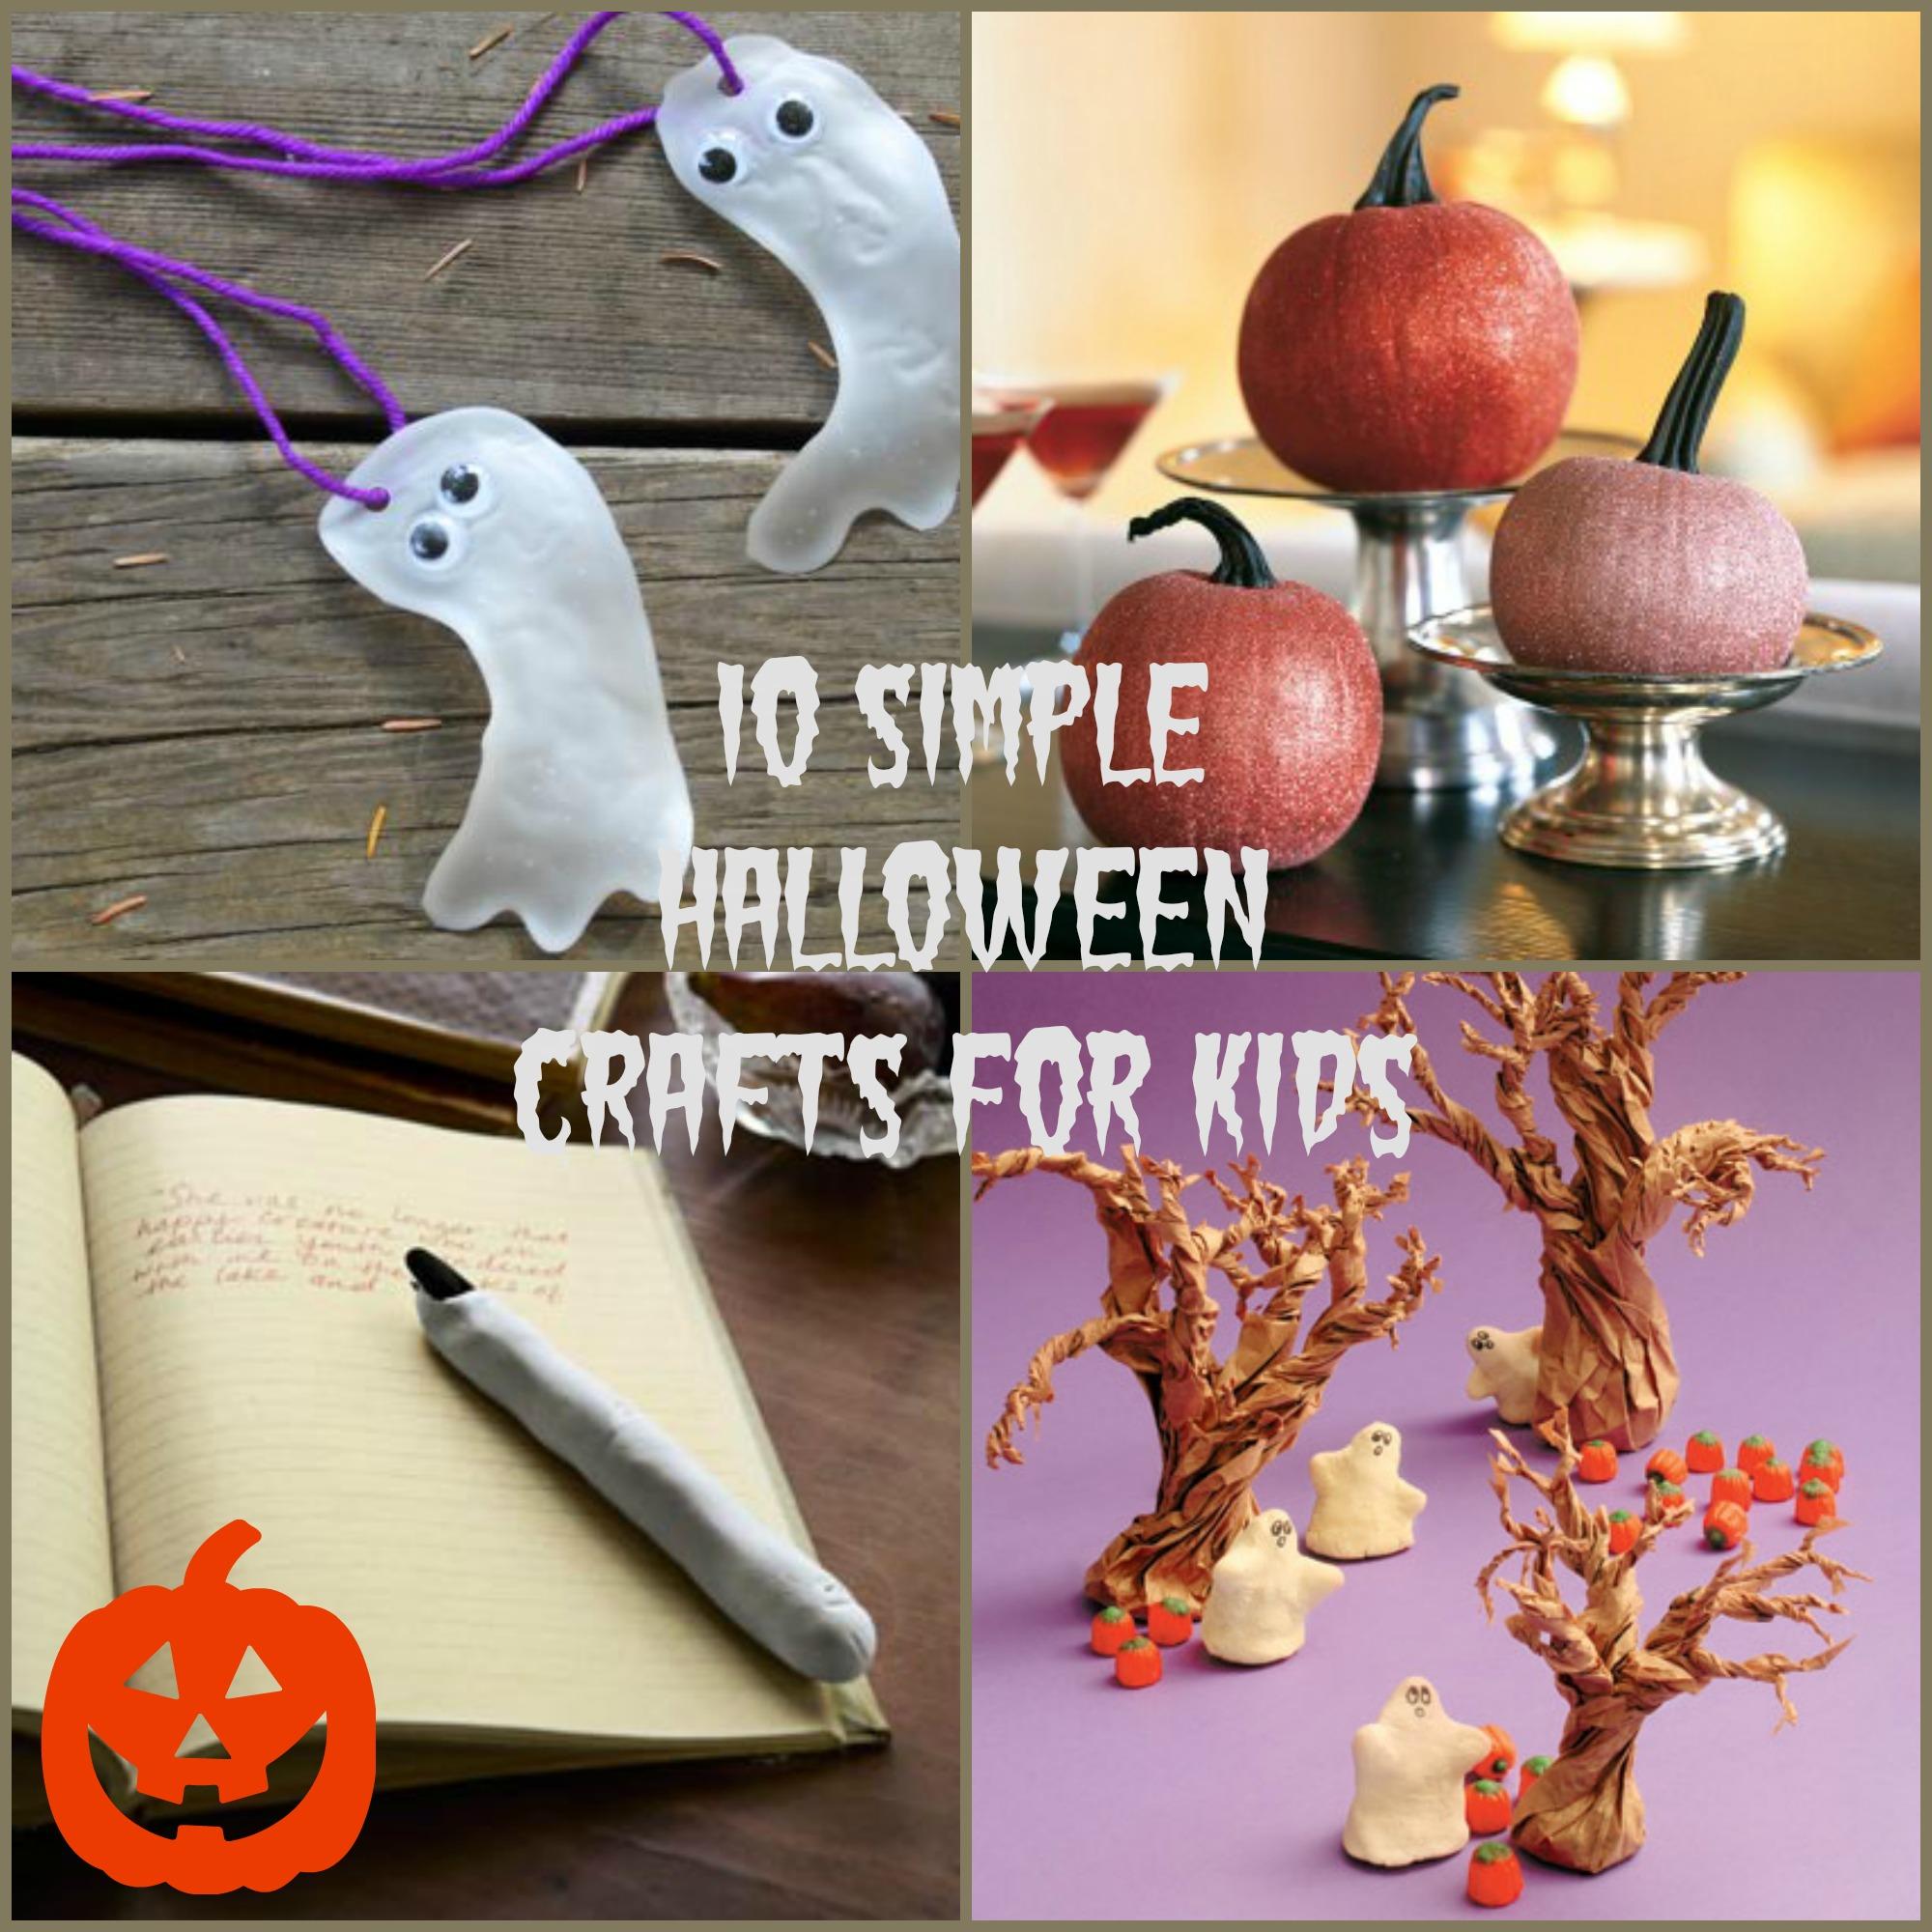 Shop for halloween crafts for kids online at Target.